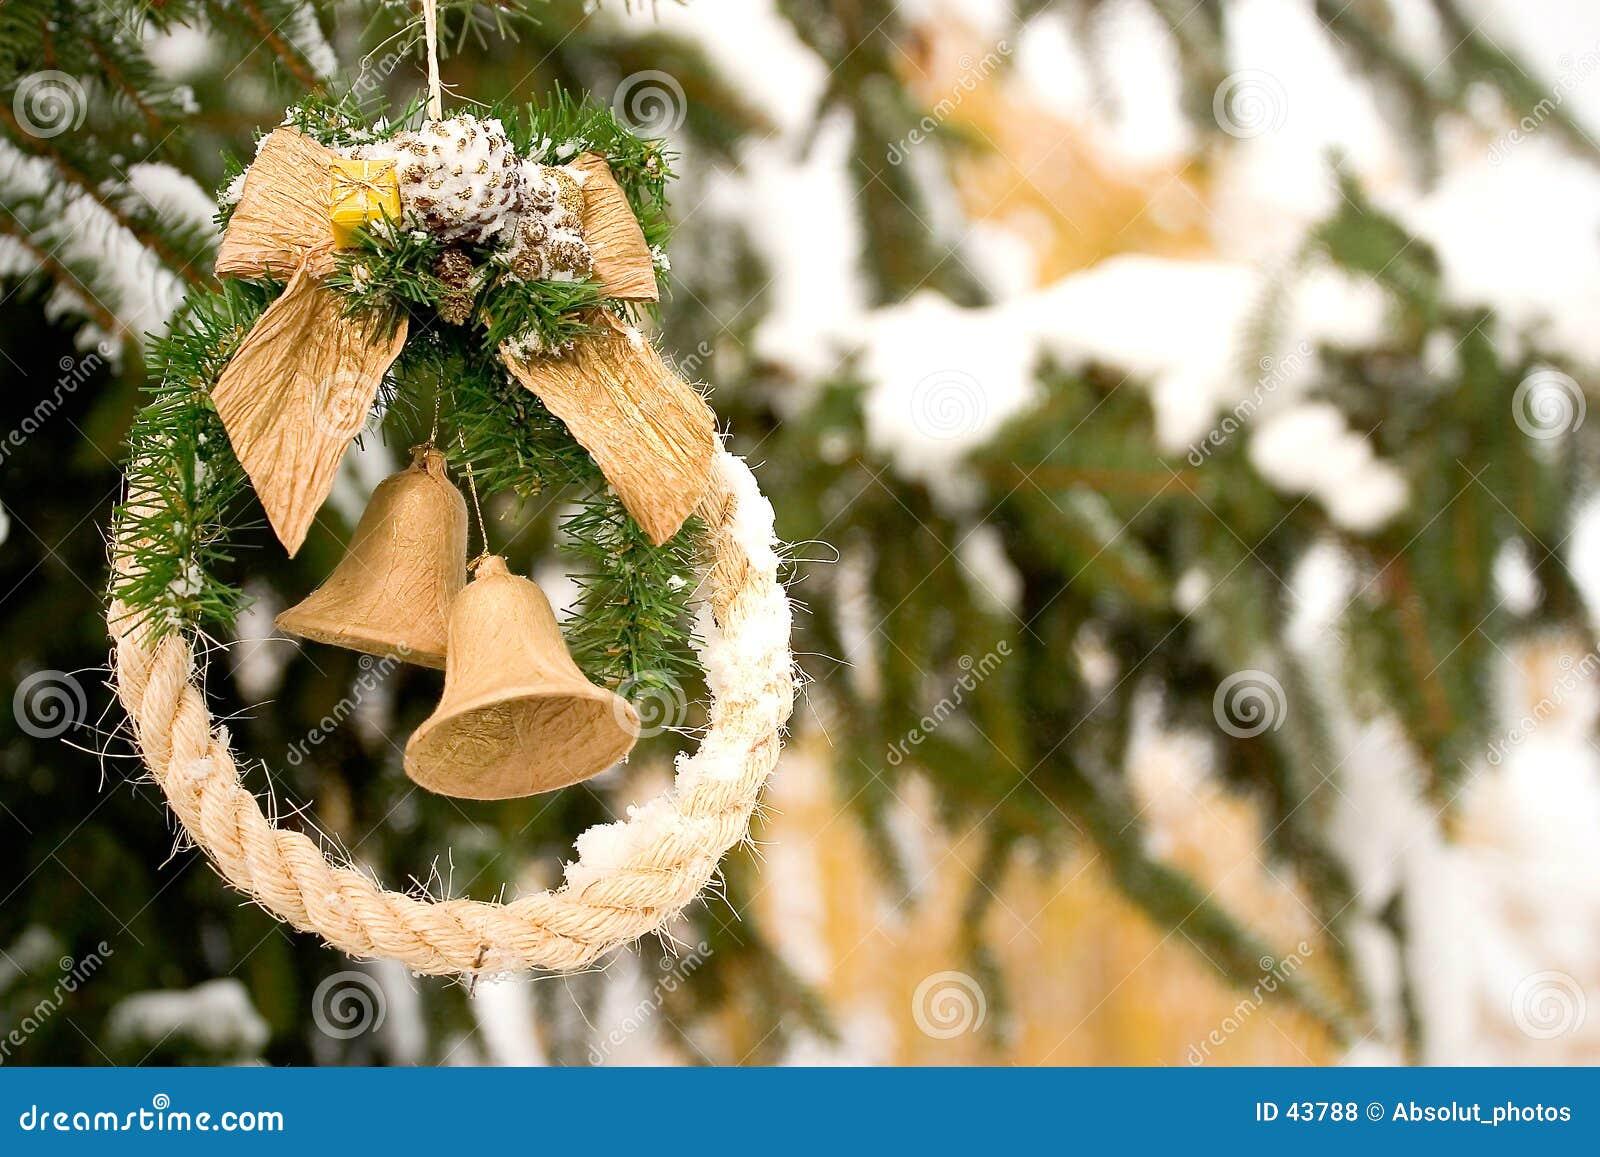 Download Dekoracji świątecznej zdjęcie stock. Obraz złożonej z śnieg - 43788